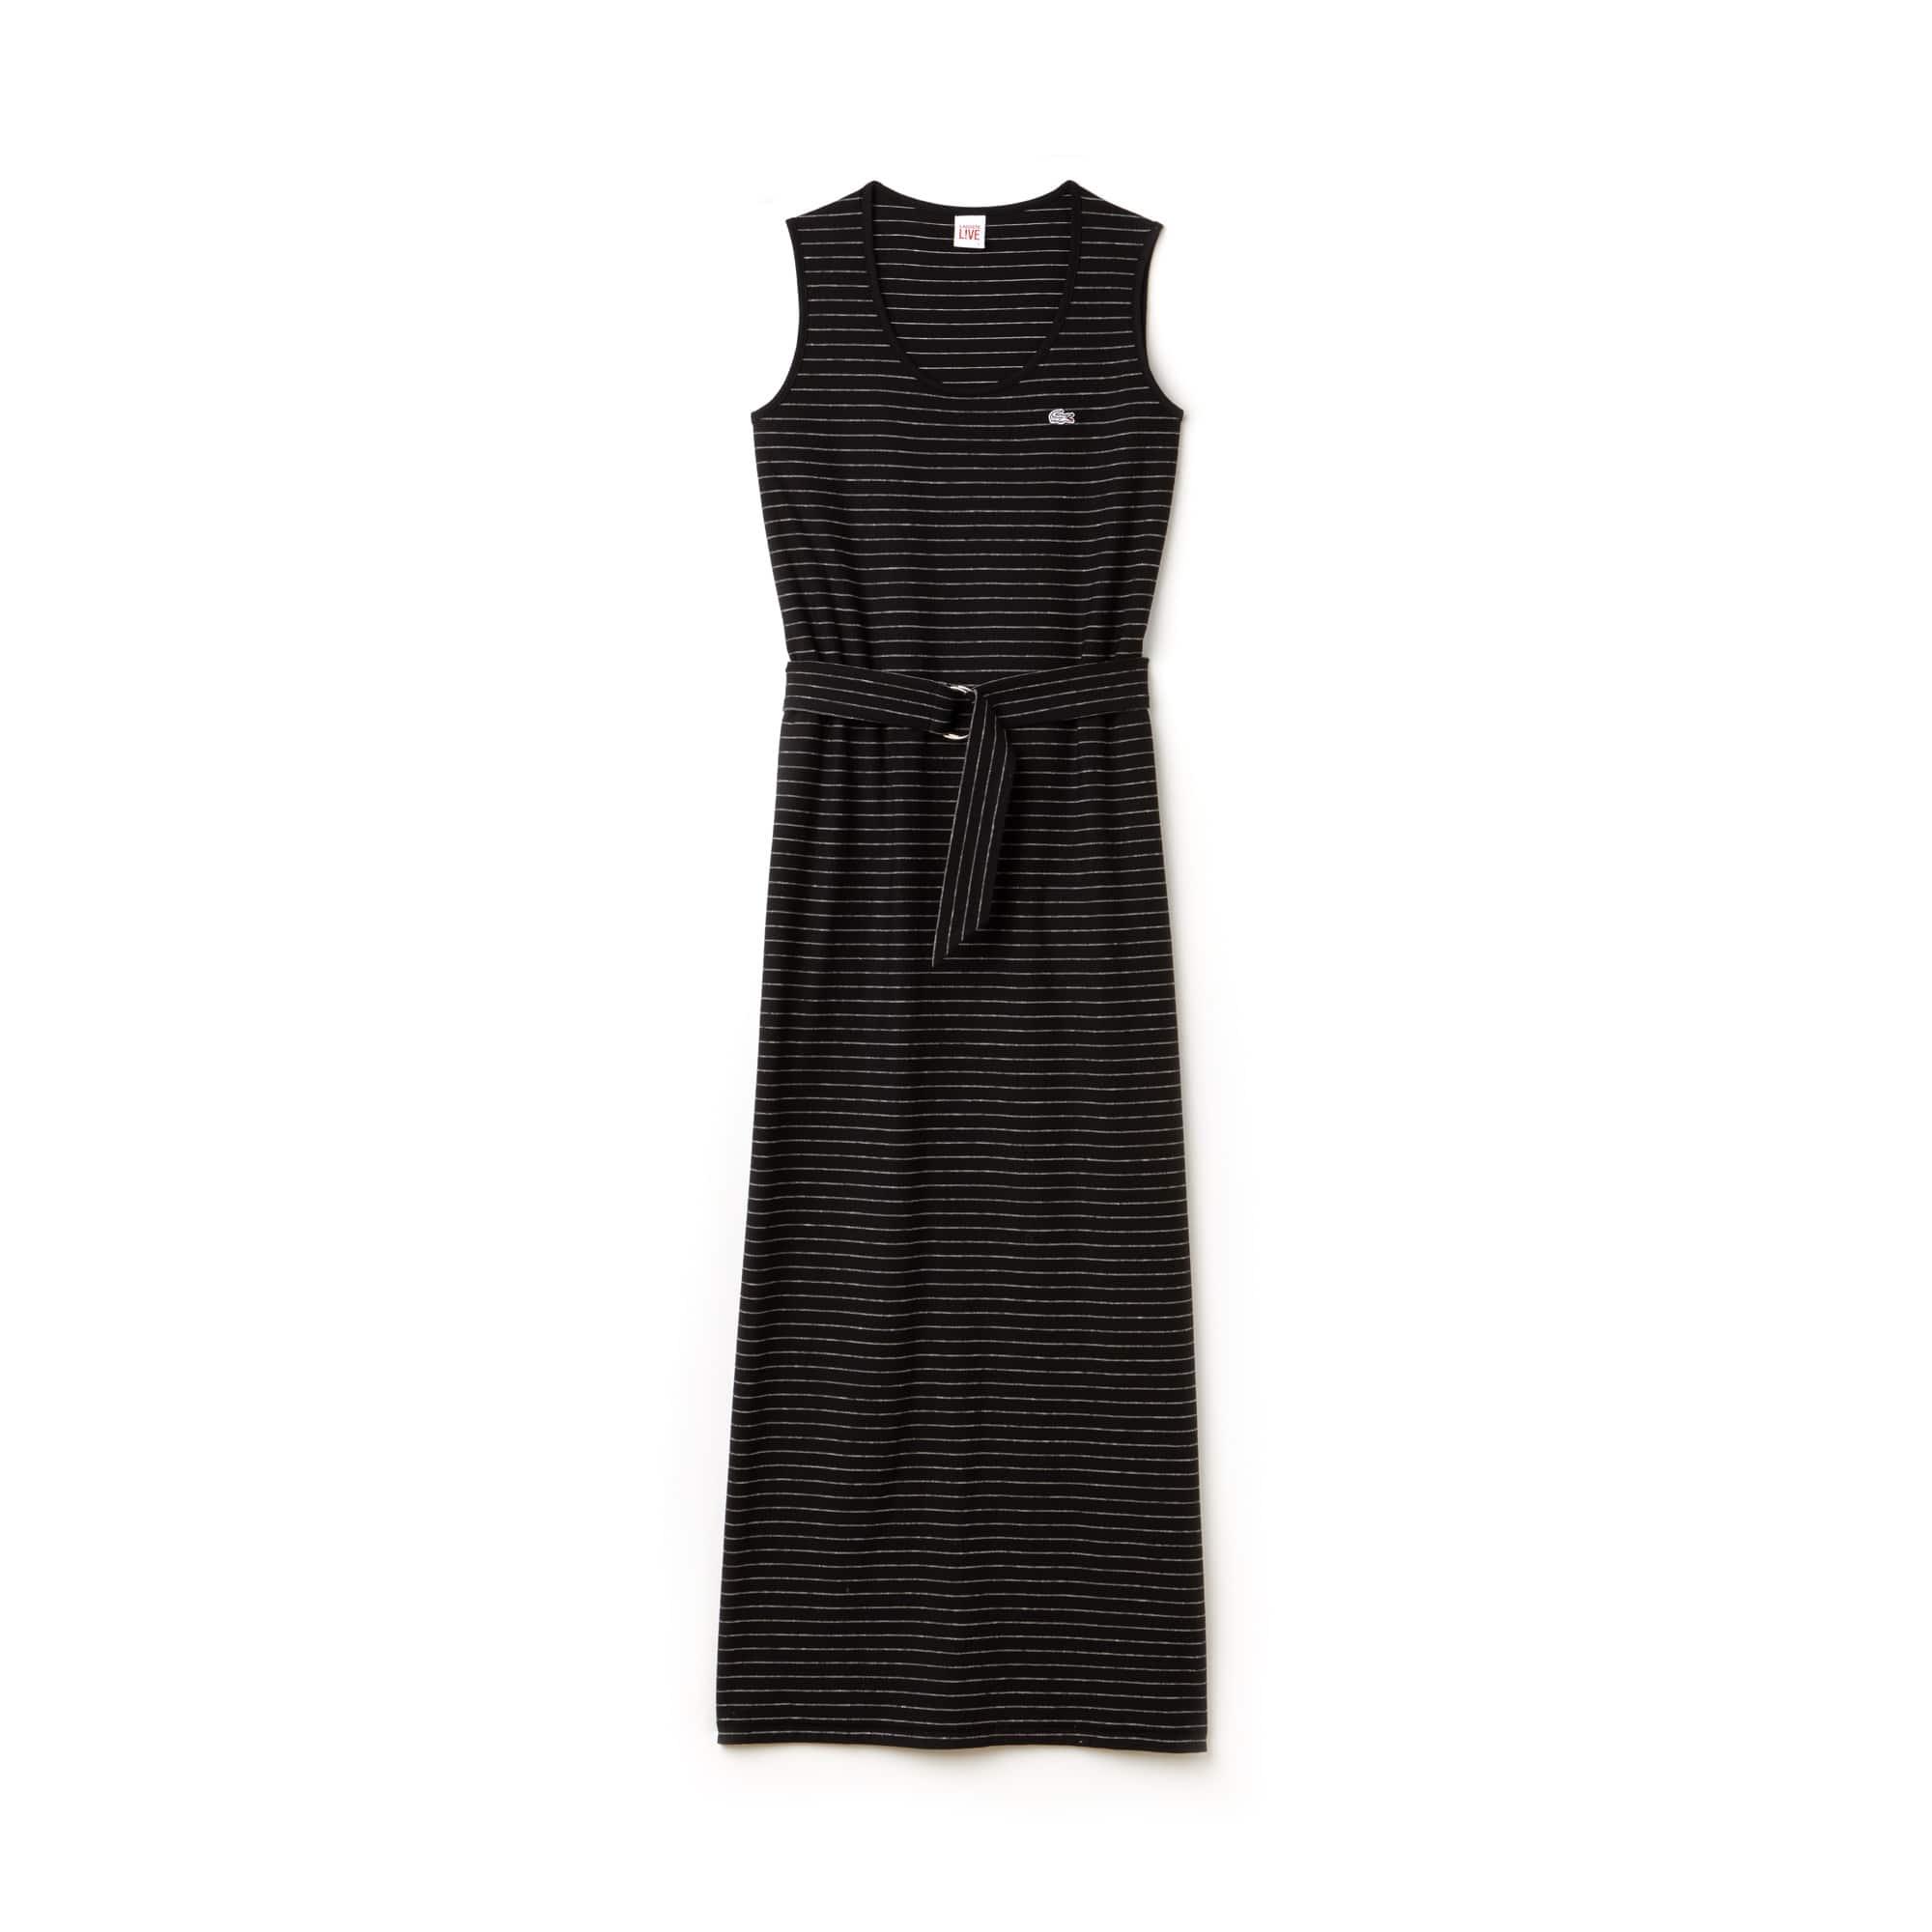 Langes Damen-Kleid mit Streifen und Gürtel LACOSTE L!VE